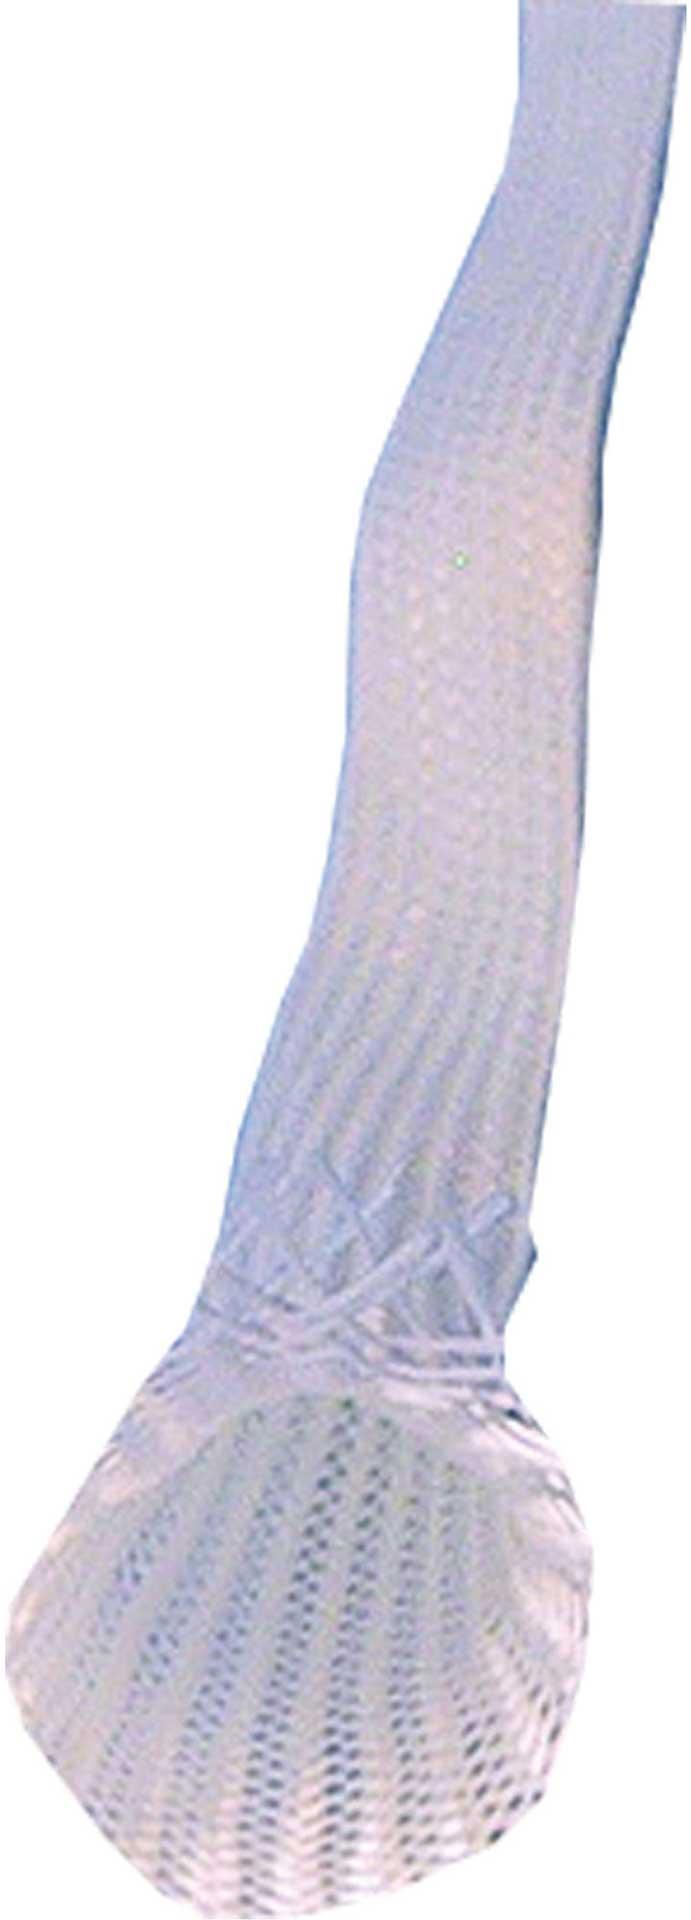 R&G Glasfaserschlauch (20 mm) Rolle/ 10 m